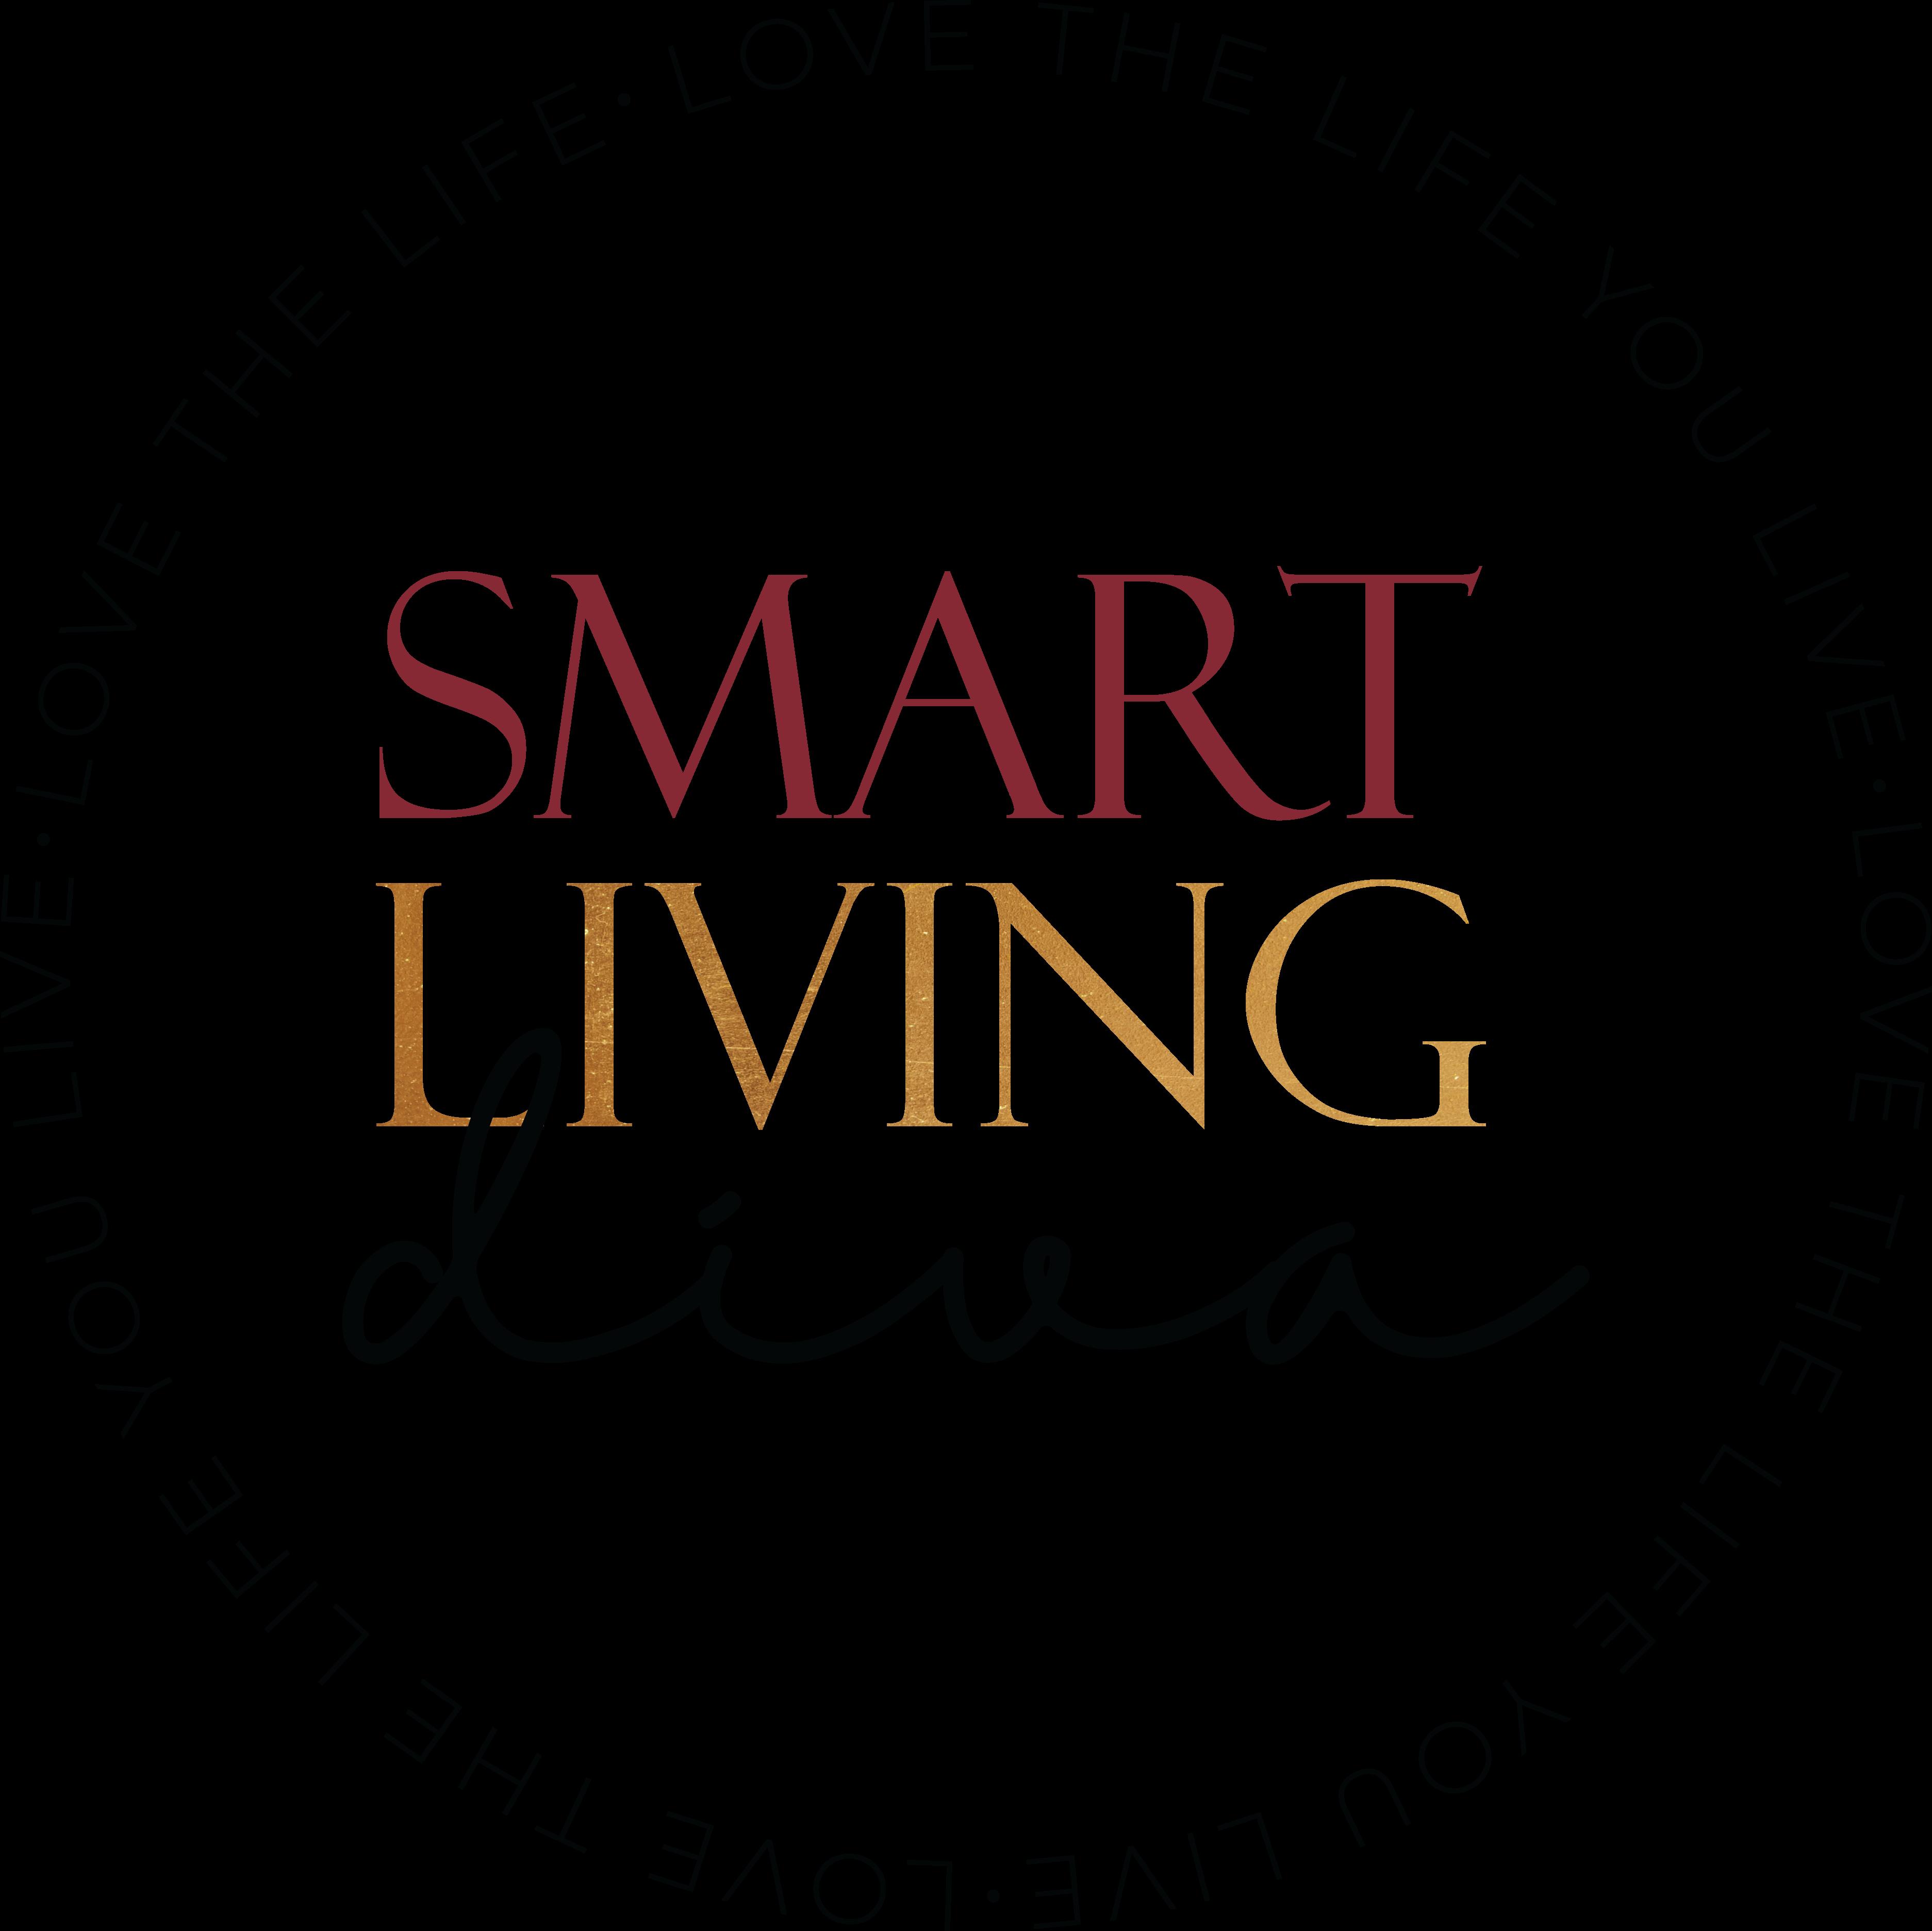 Smart Living Diva